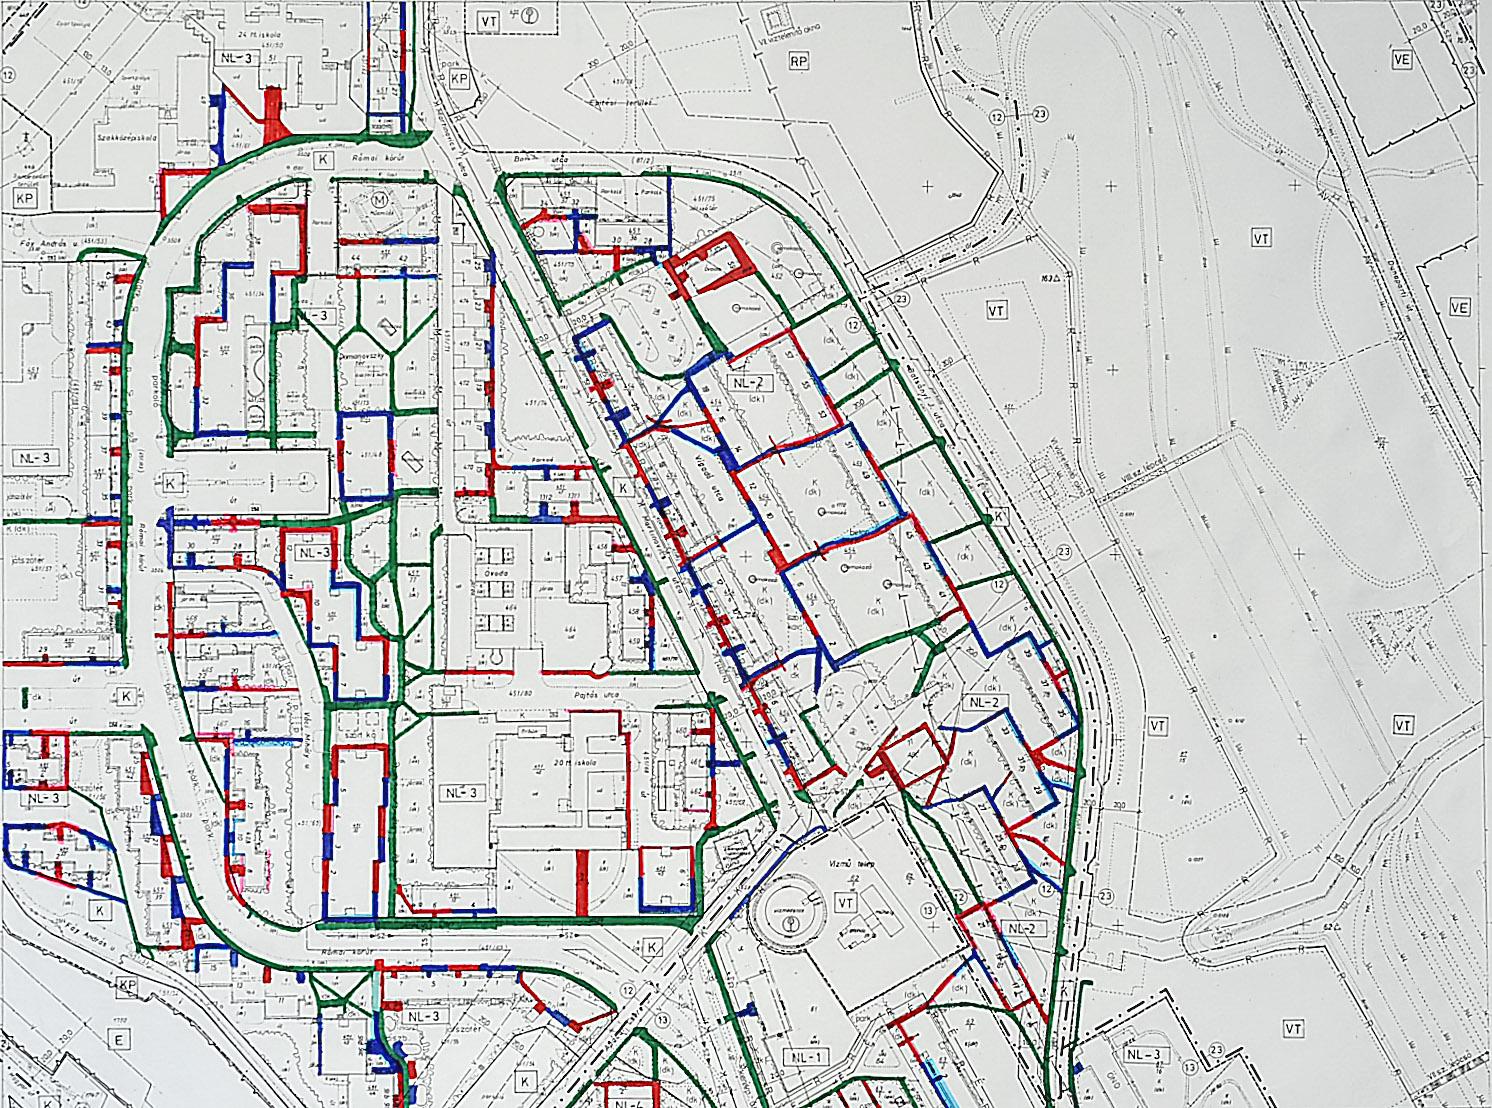 dunaújváros térkép Hóeltakarítás   TÉRKÉP | Dunaújváros MJV dunaújváros térkép